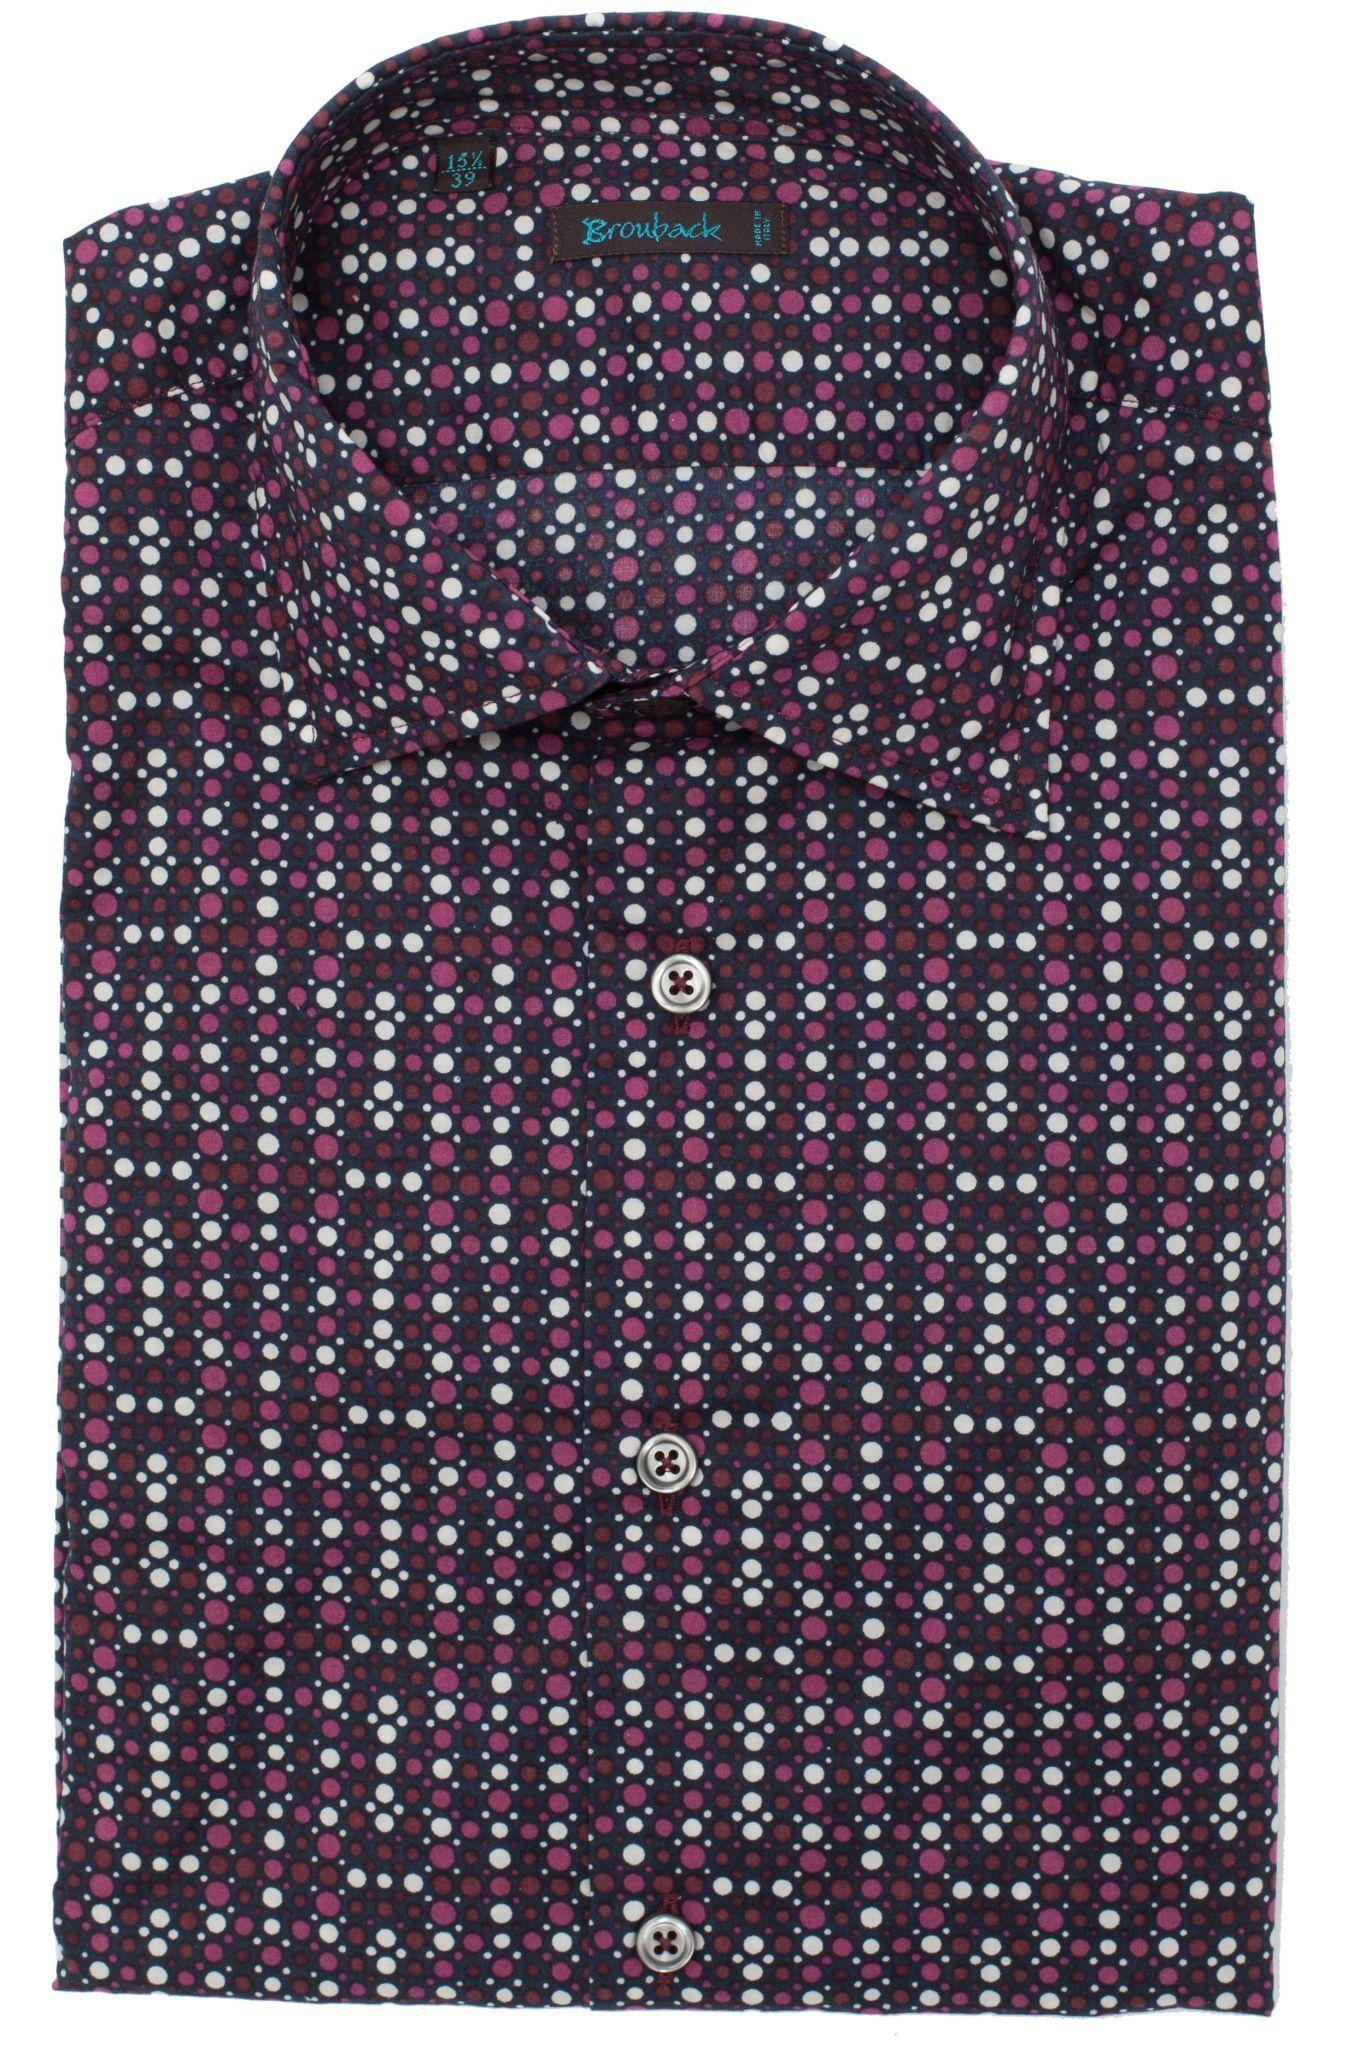 Тёмная рубашка в частый красно-бело-коричневый горошек диско 80-х